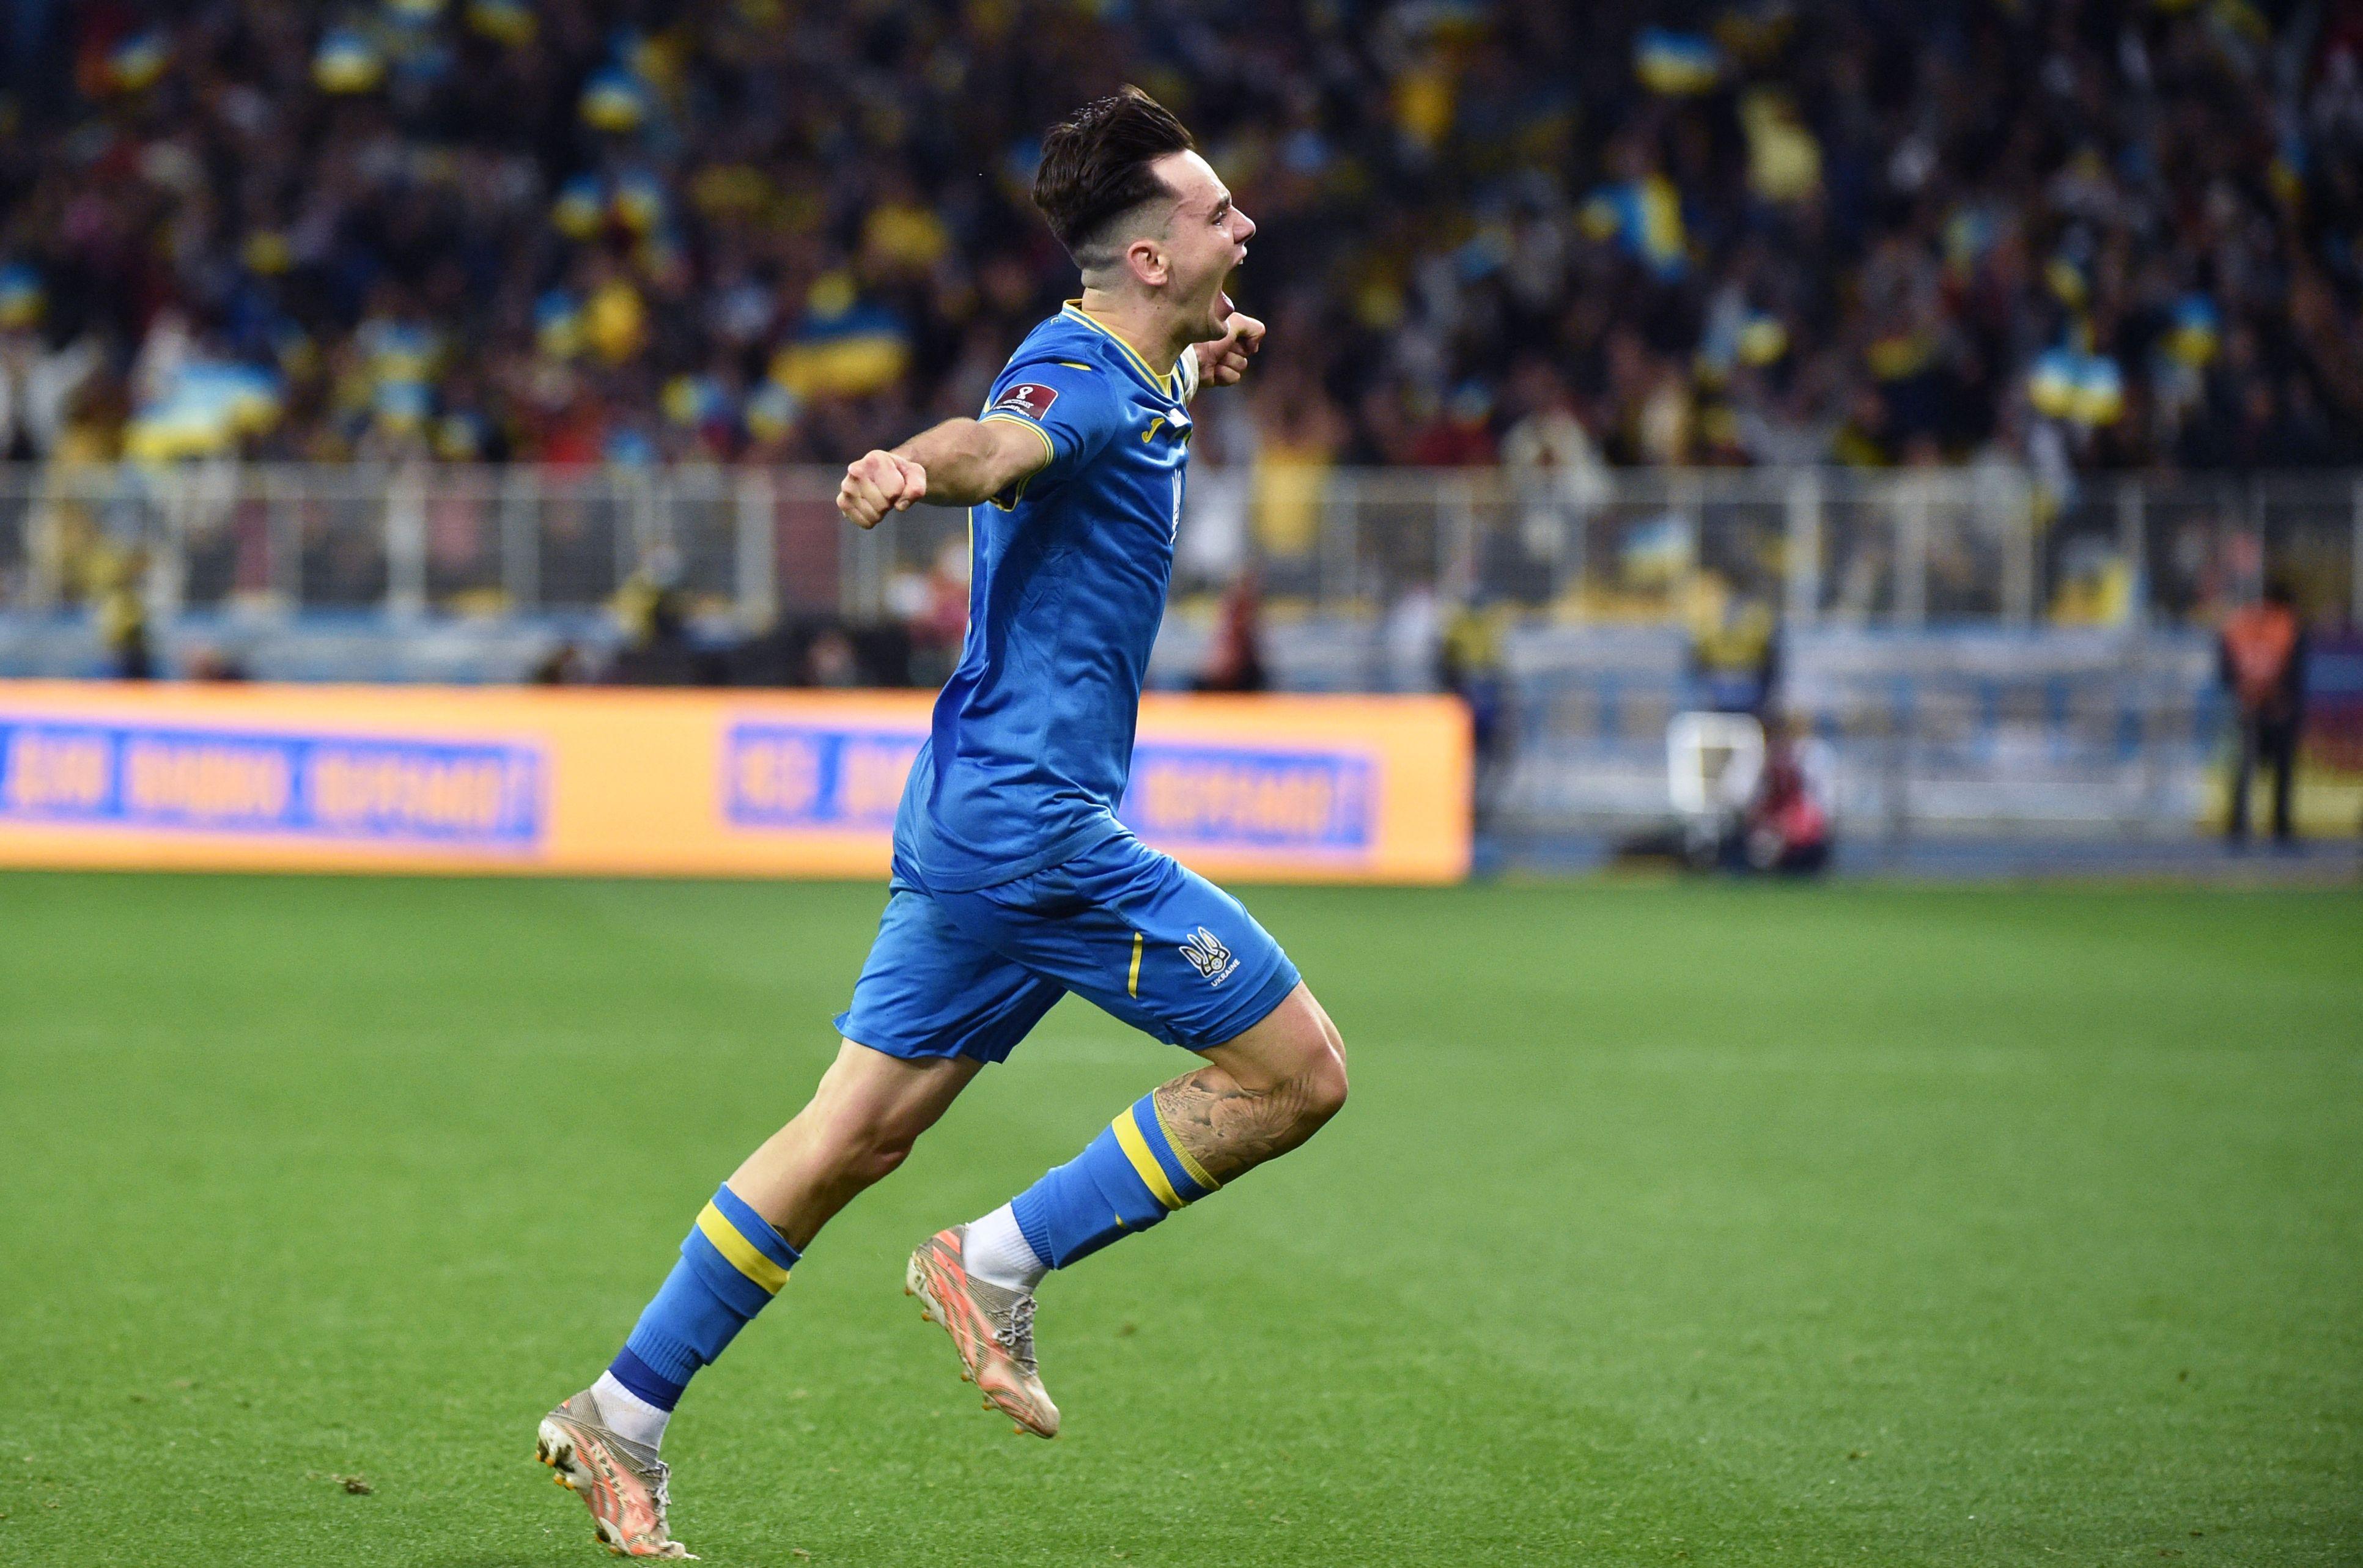 Сборная Украины по футболу, квалификация ЧМ-2022, Александр Петраков